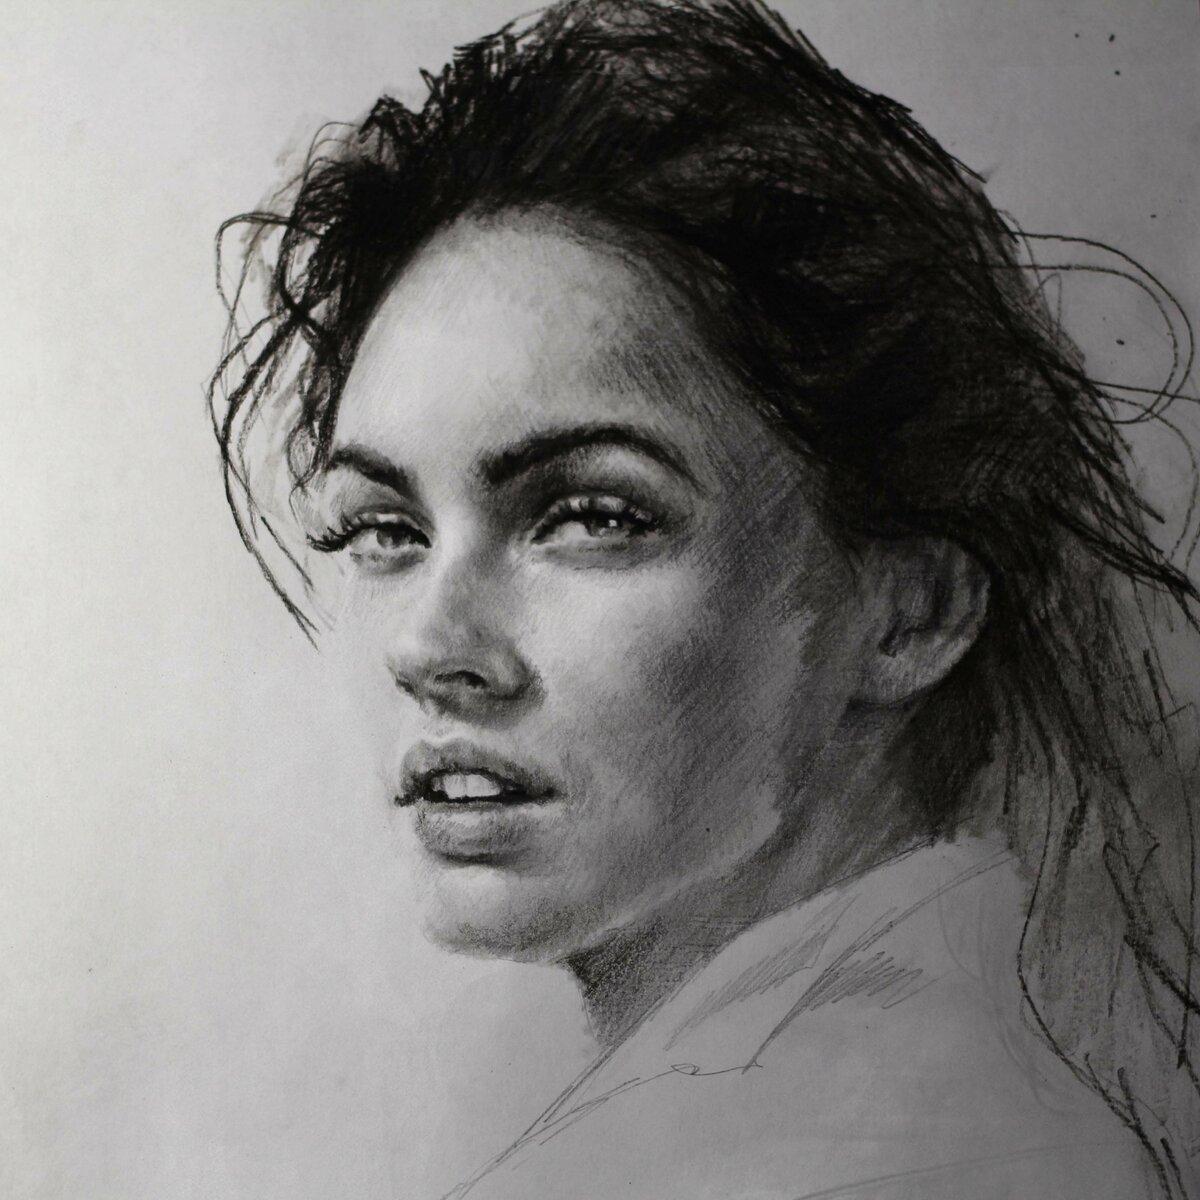 Рисунок девушки штрихами